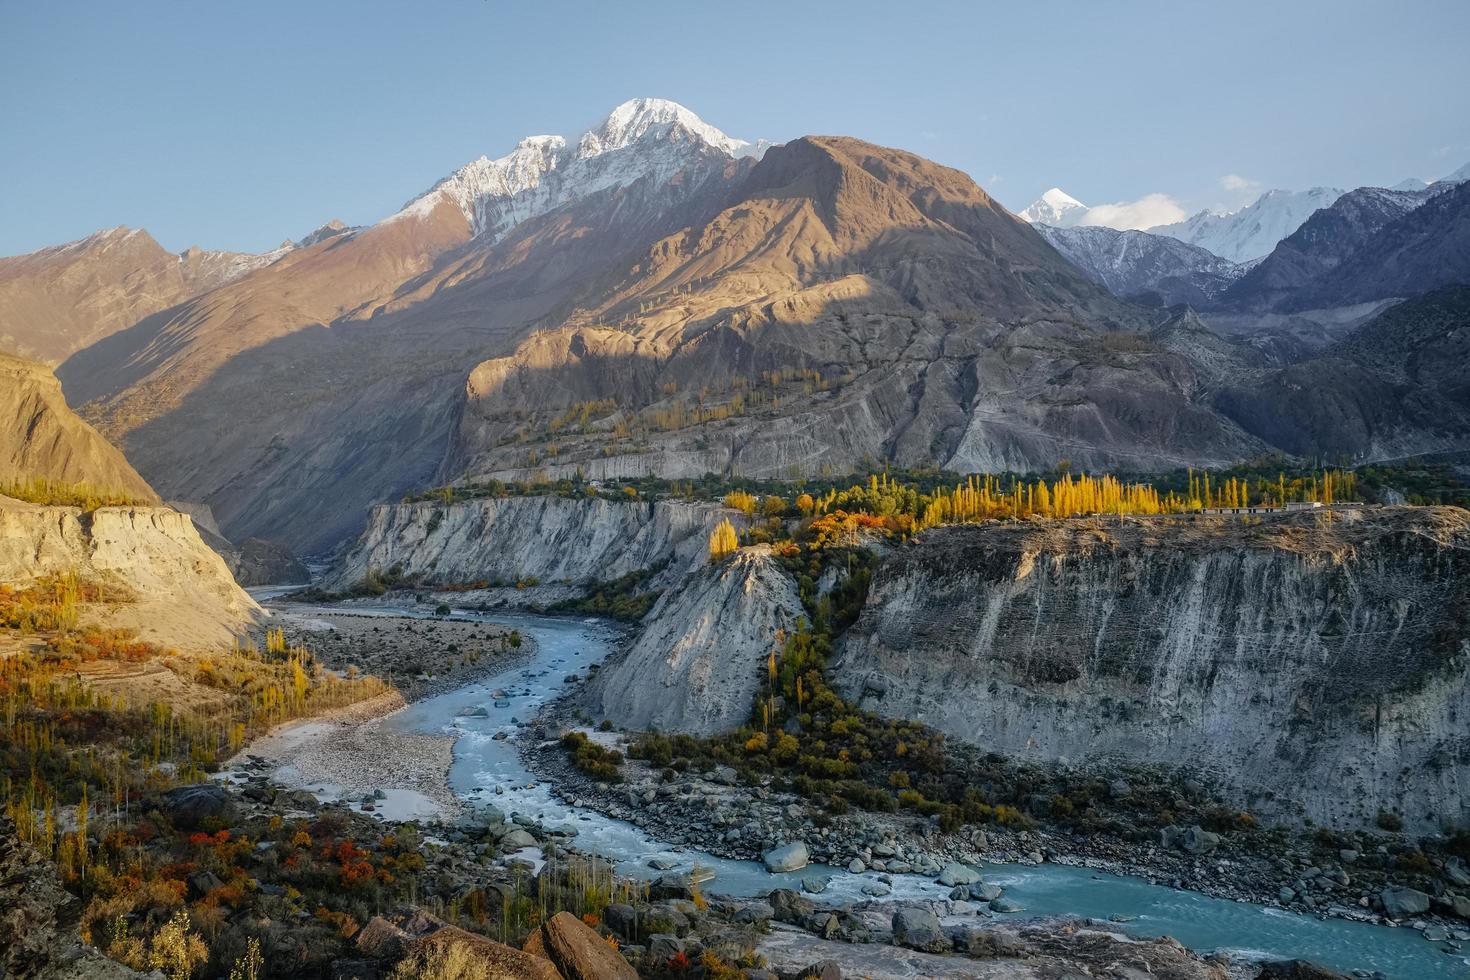 kronkelende rivier die door karakoram gebergte stroomt foto